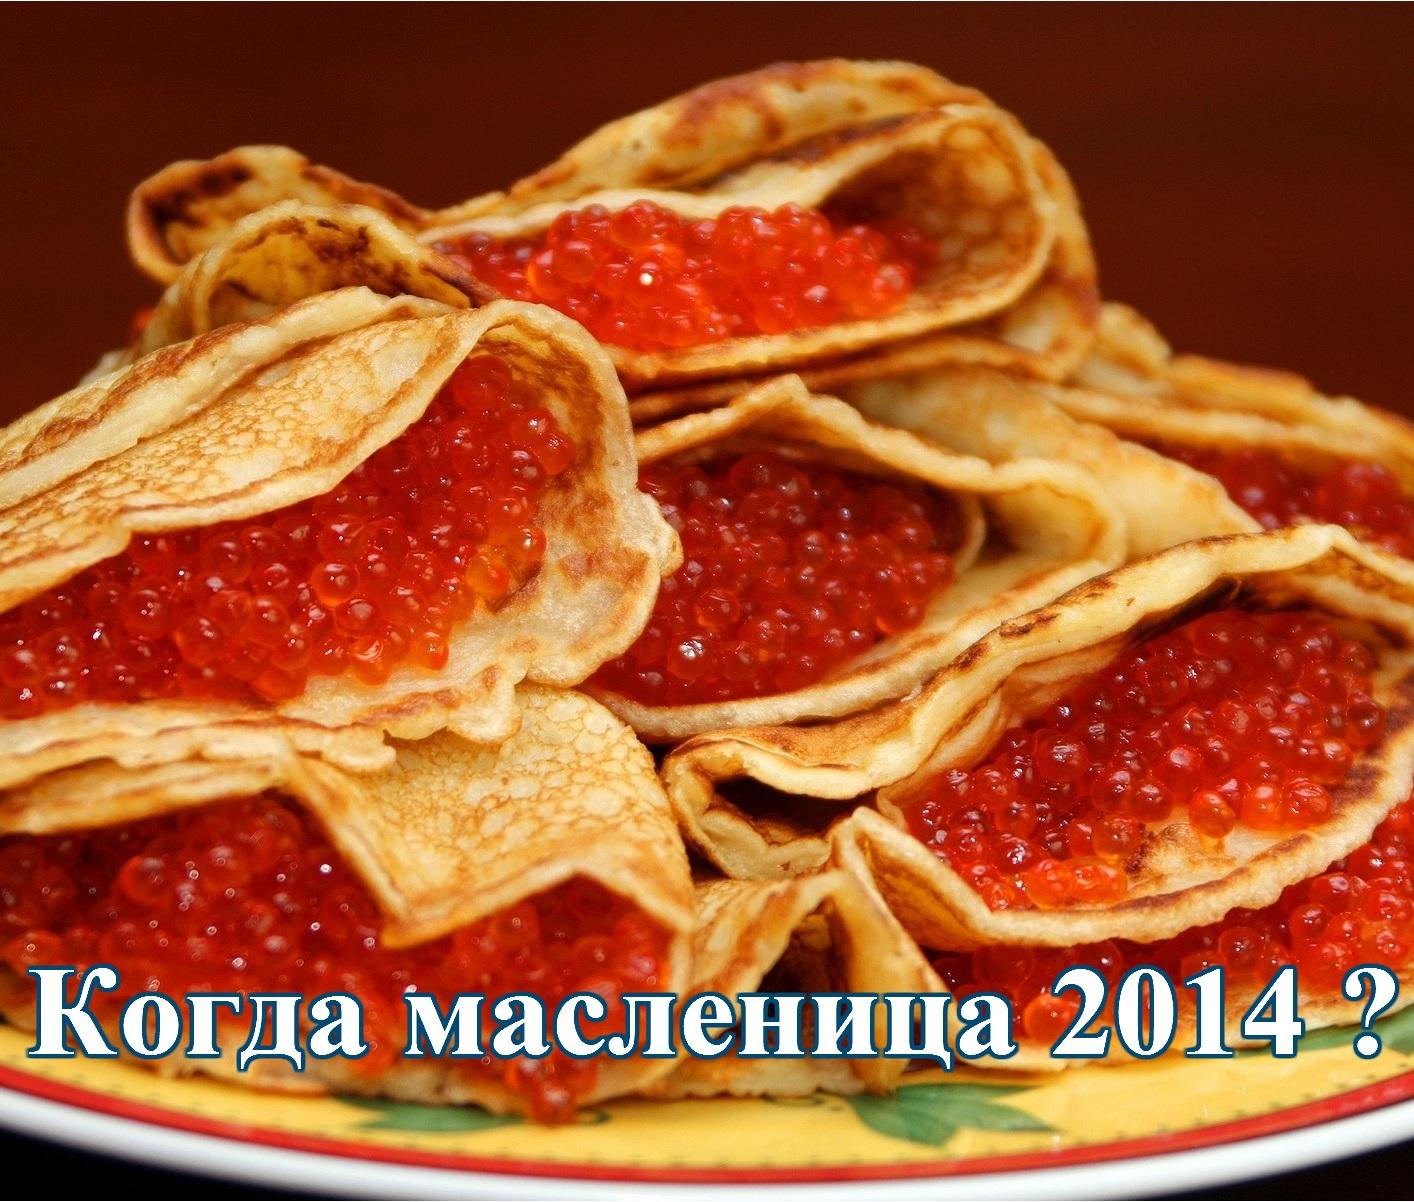 Когда масленица в 2014 году? Обряды и традиции праздника